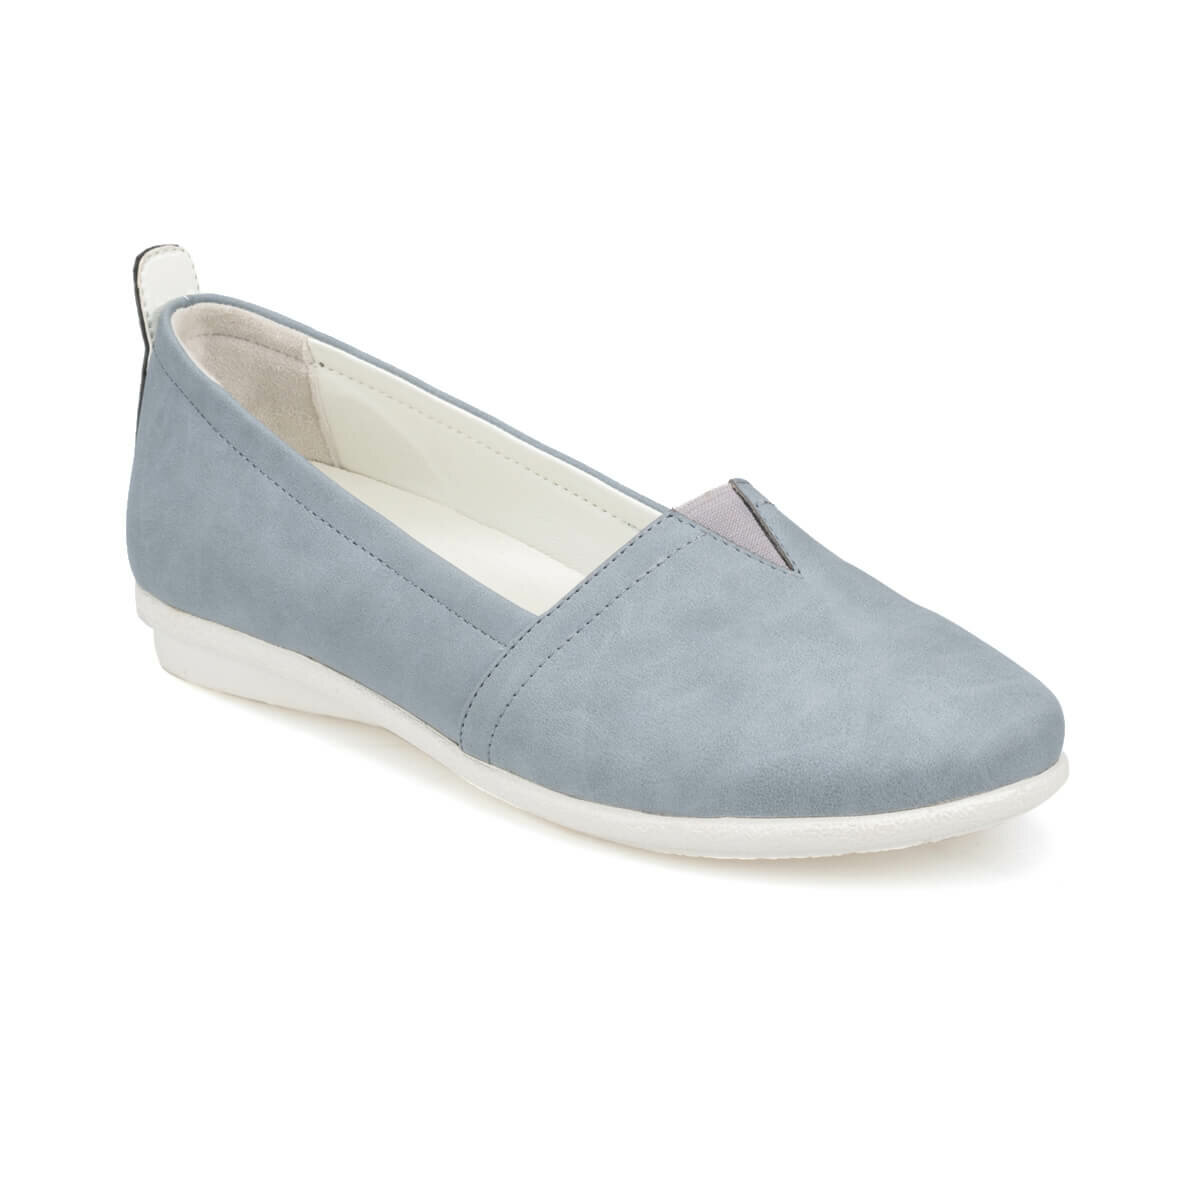 FLO 91. 150652.Z Blue Women 'S Shoes Polaris